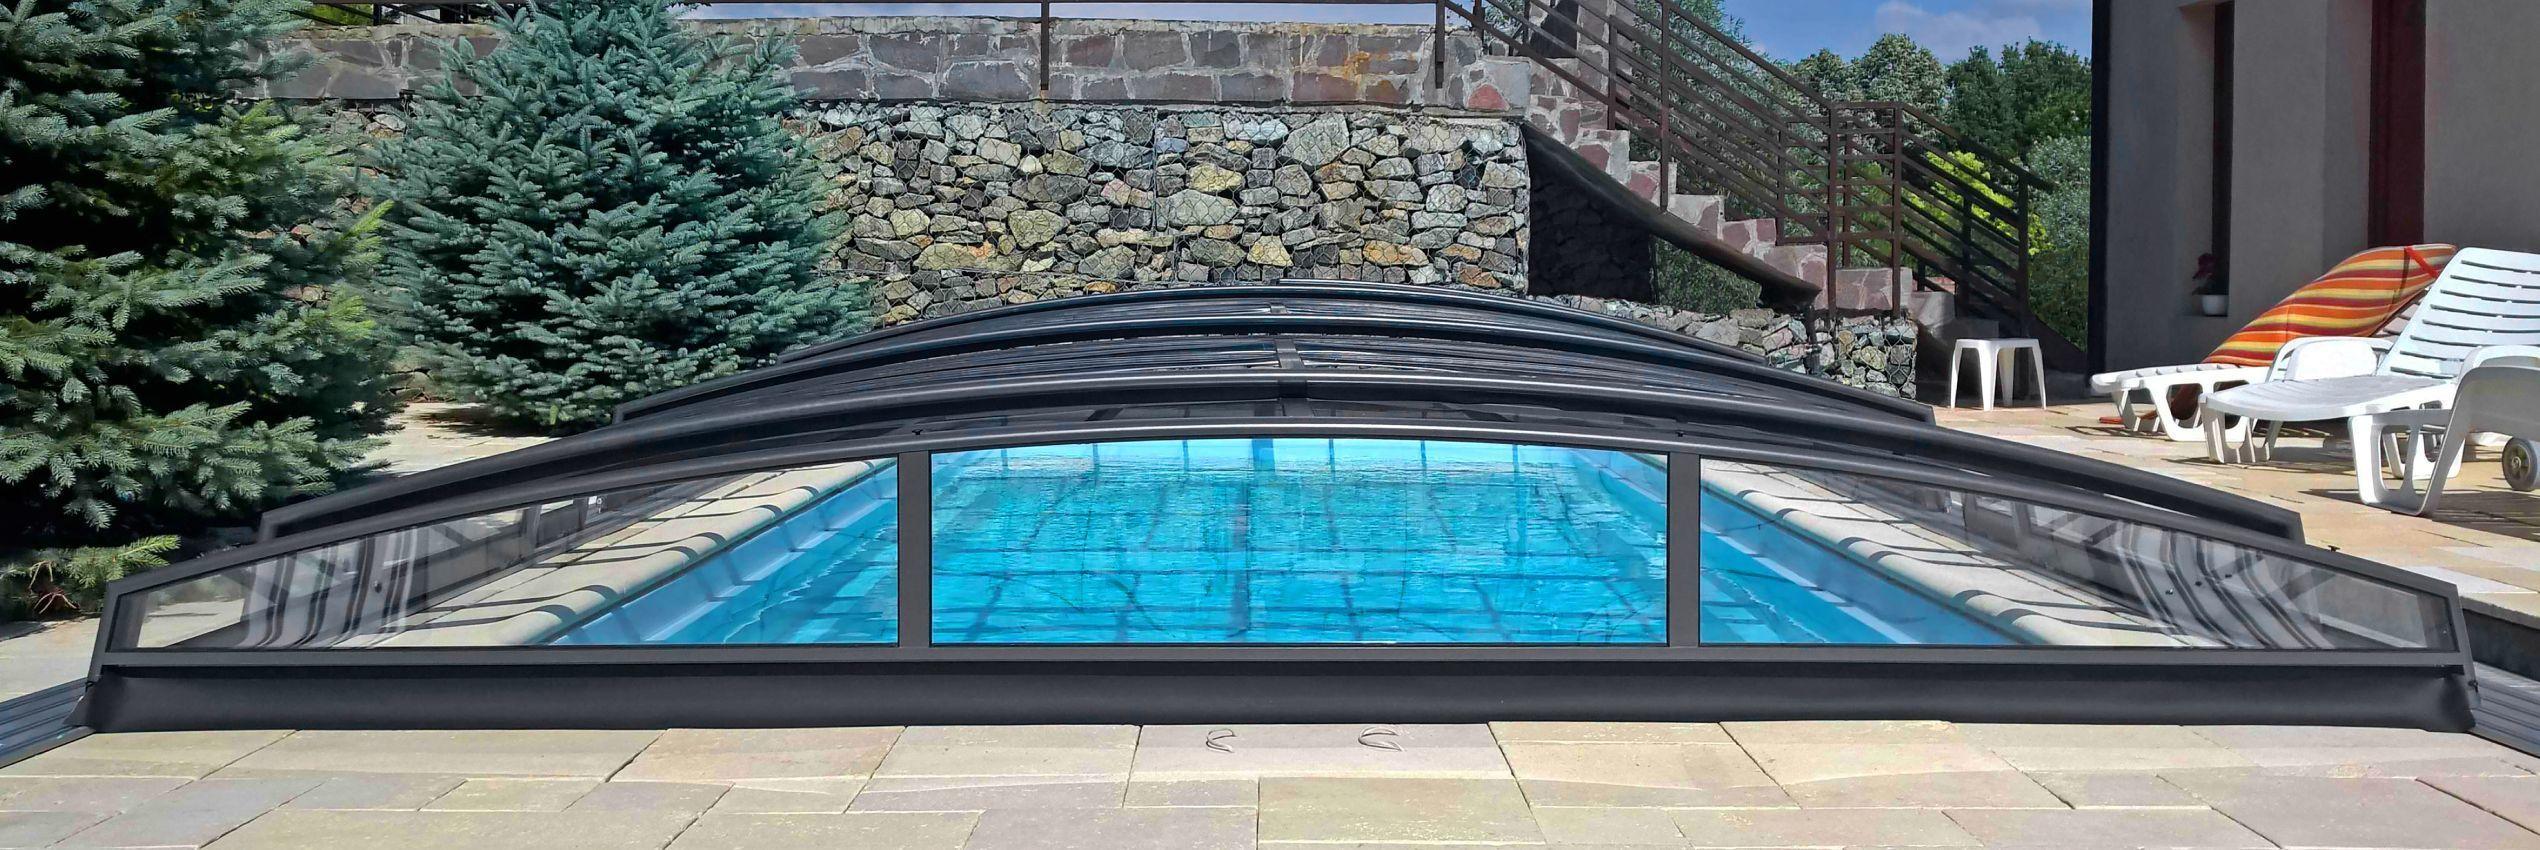 Acoperiri de piscina Ayure Angle